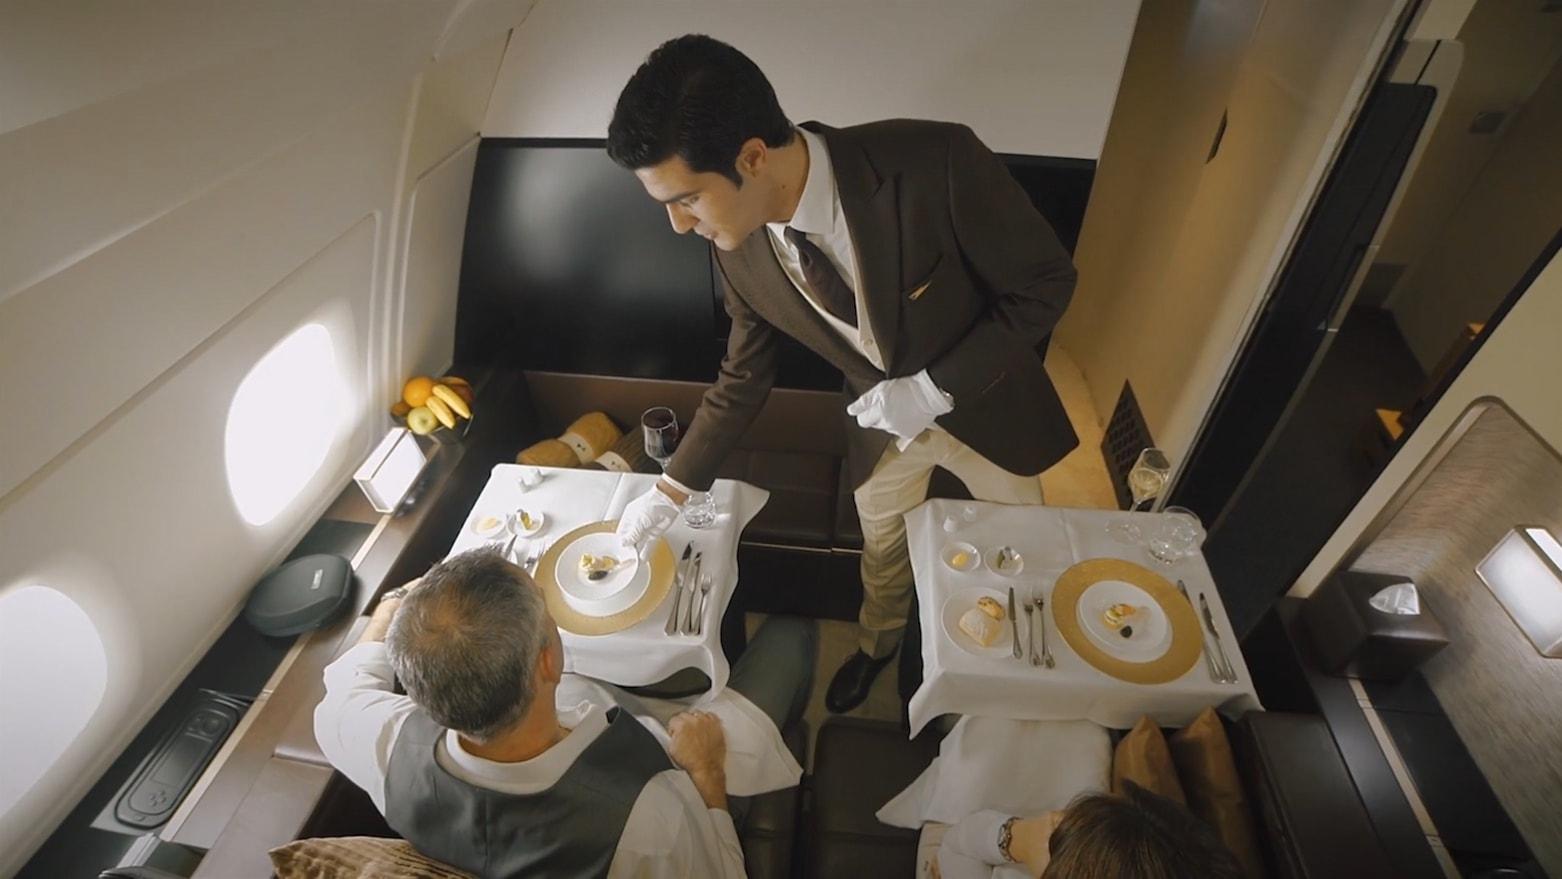 هل تحلم بعيش تجربة السفر كالأثرياء؟ طيران عربي يحقق ذلك